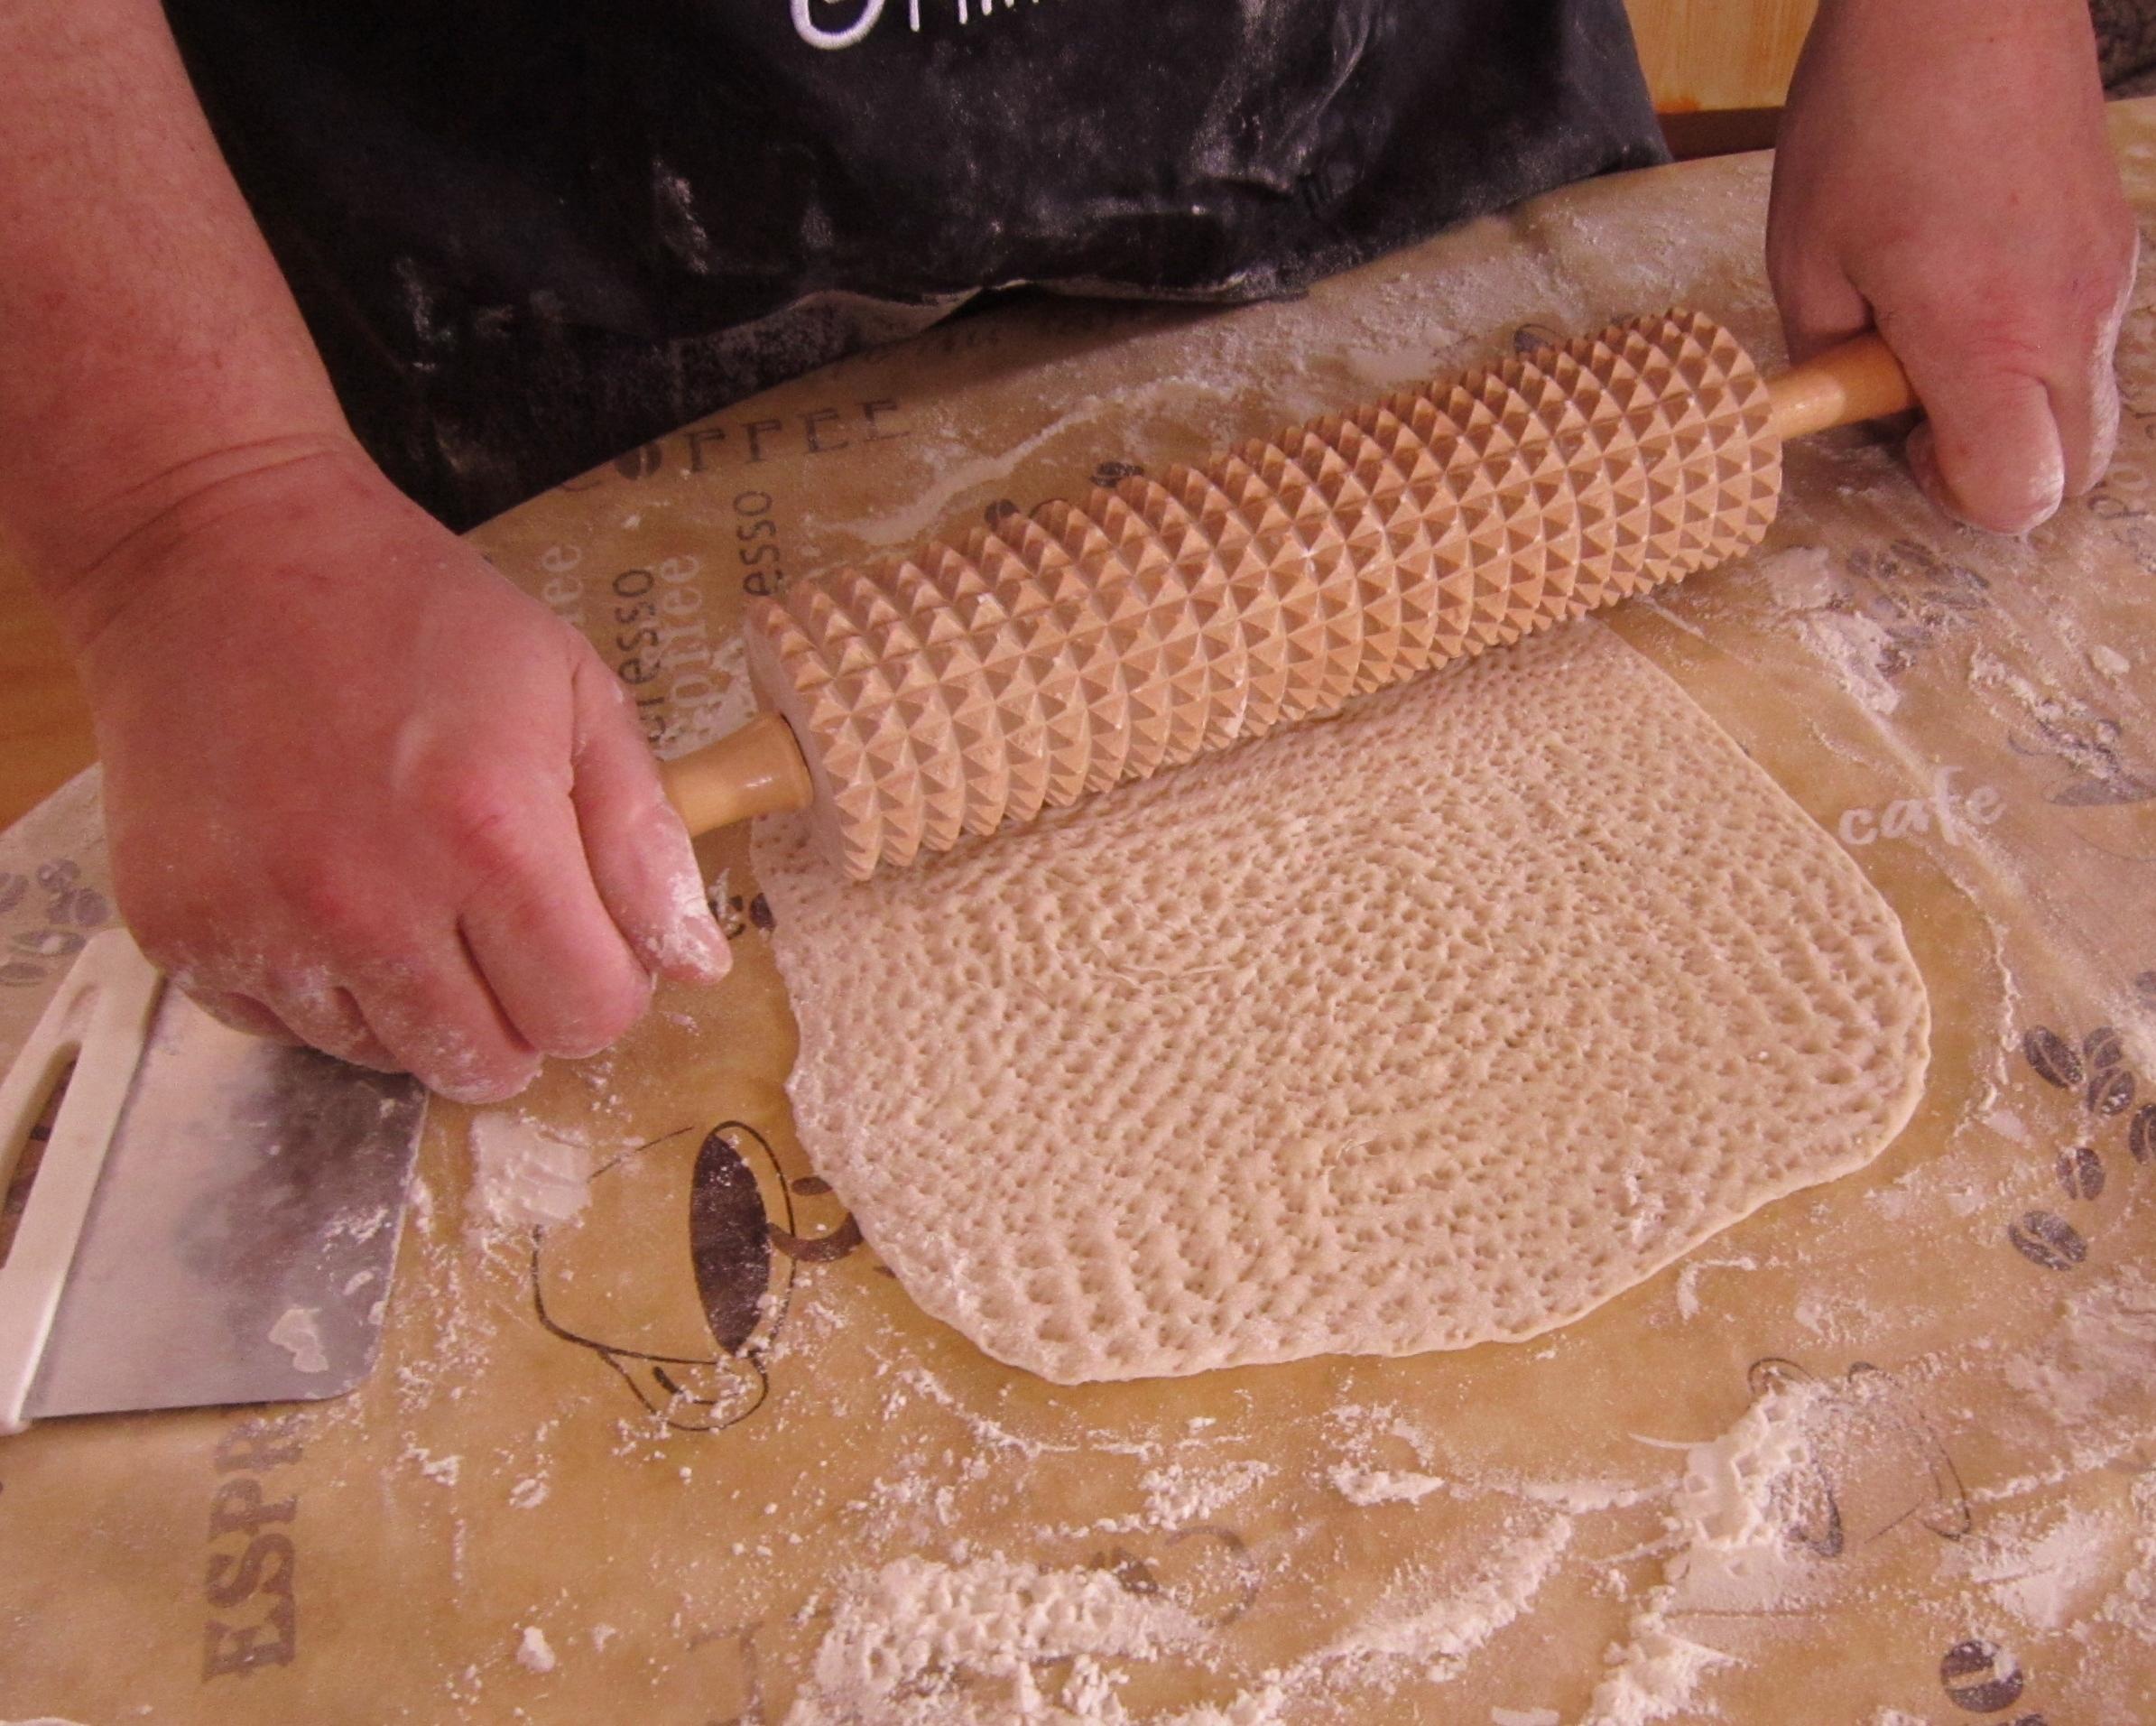 Gahkku kaka görs i ordning för gräddning